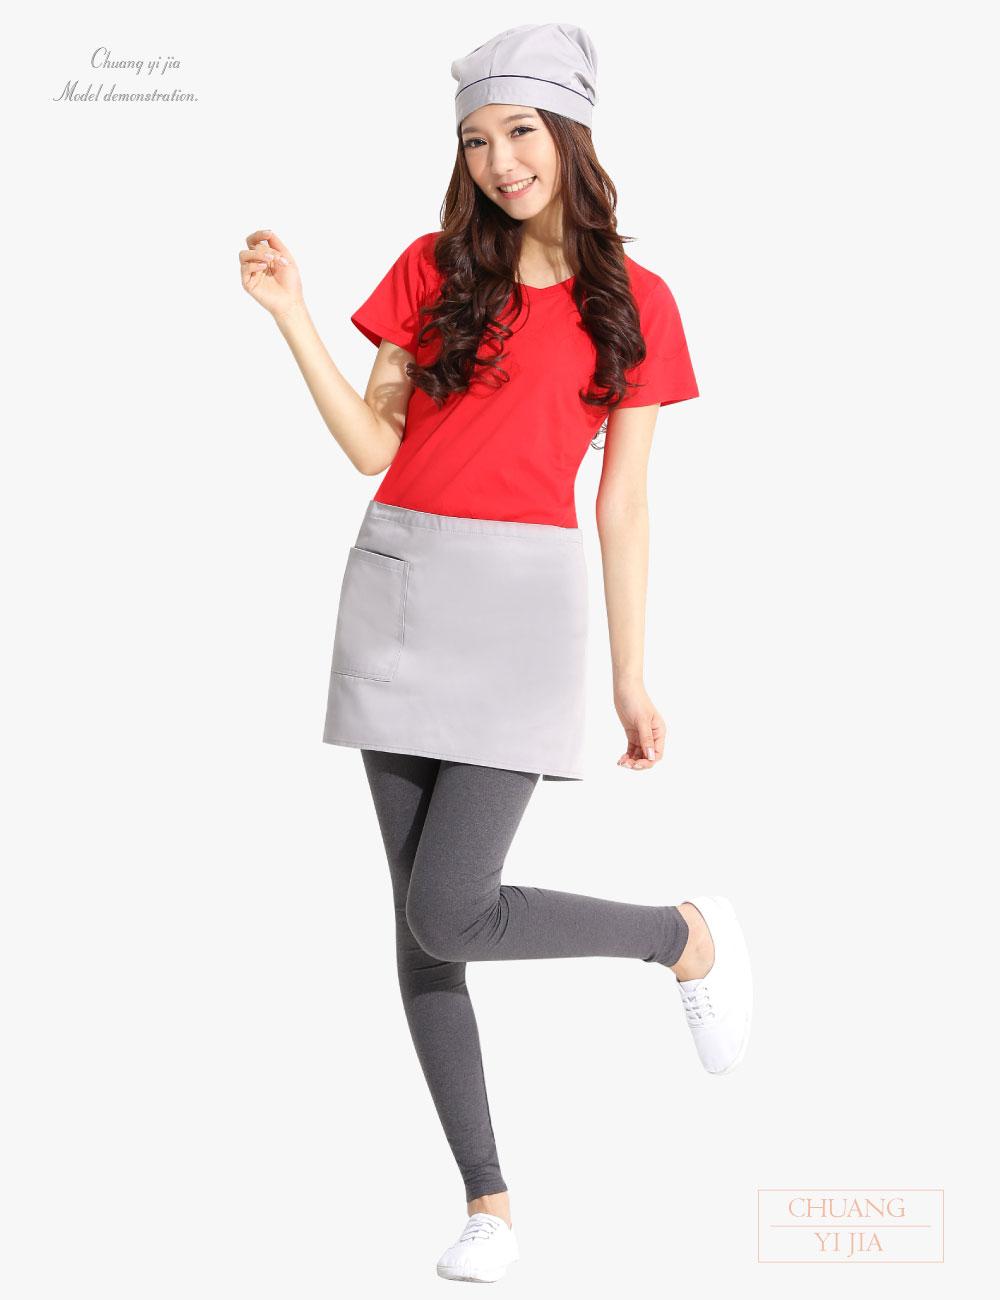 外場圍裙半截,專業圍裙,廚師圍裙,烘培圍裙,園藝圍裙,防髒圍裙,日式圍裙,半截圍裙,圍裙訂製,職人日式圍裙圍